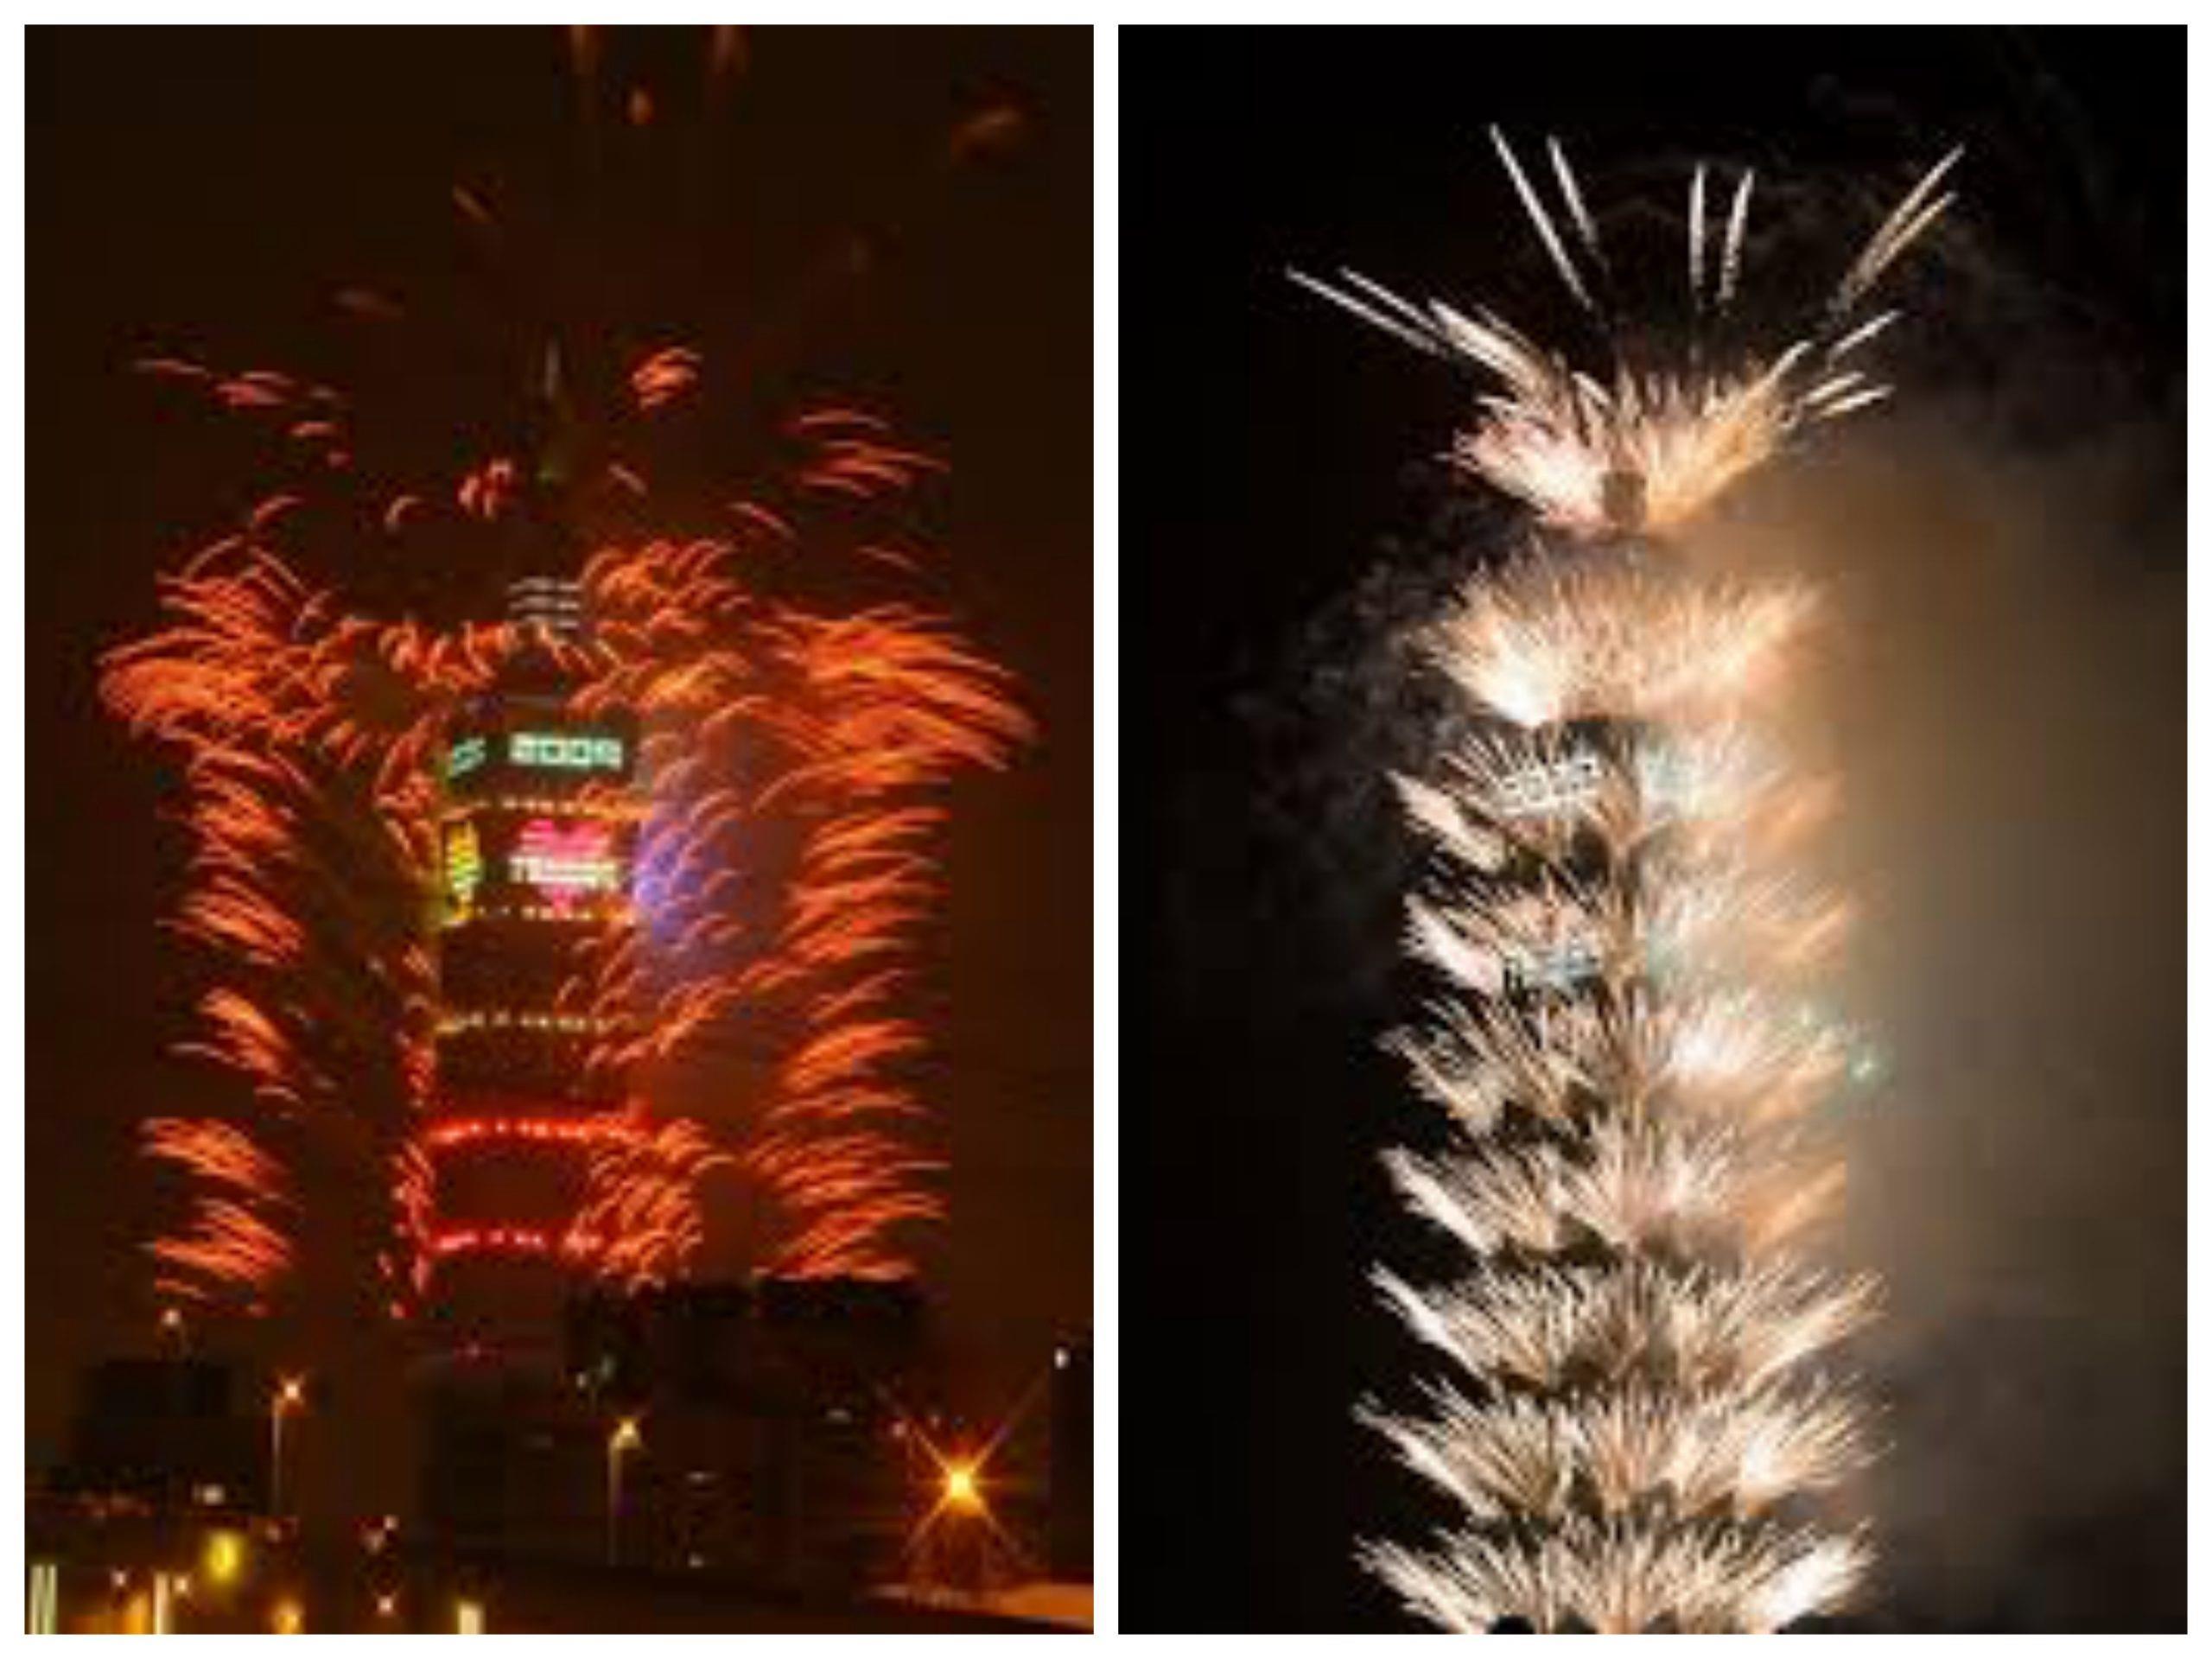 沖天炮的靈感 林鴻明用跨年煙火讓世界看見台灣